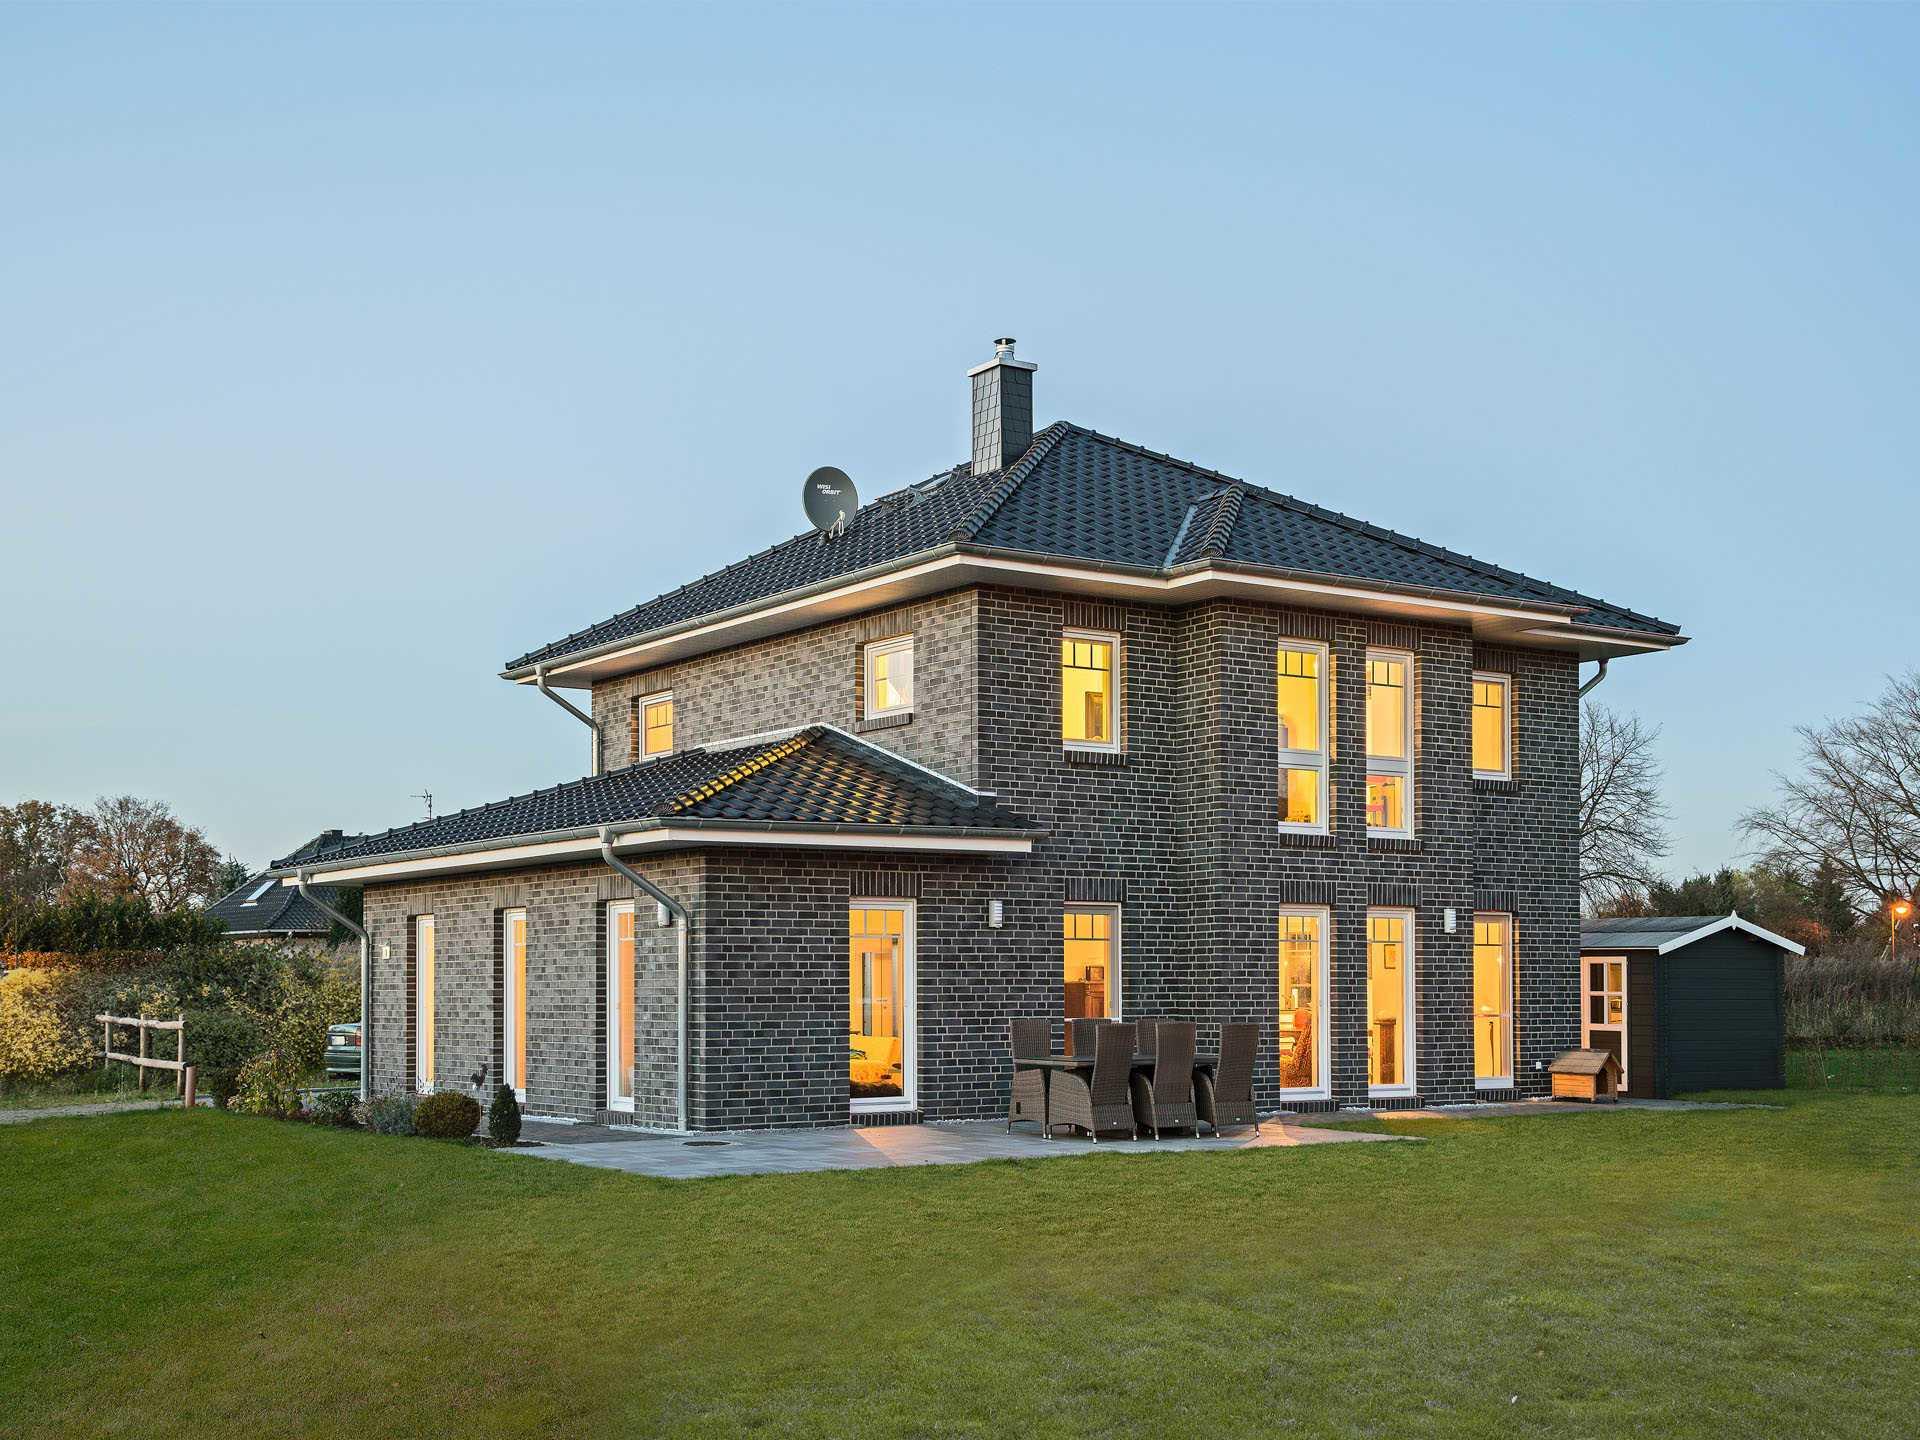 Hausbaufirmen in Ihrer egion - Fertighauskataloge24.de